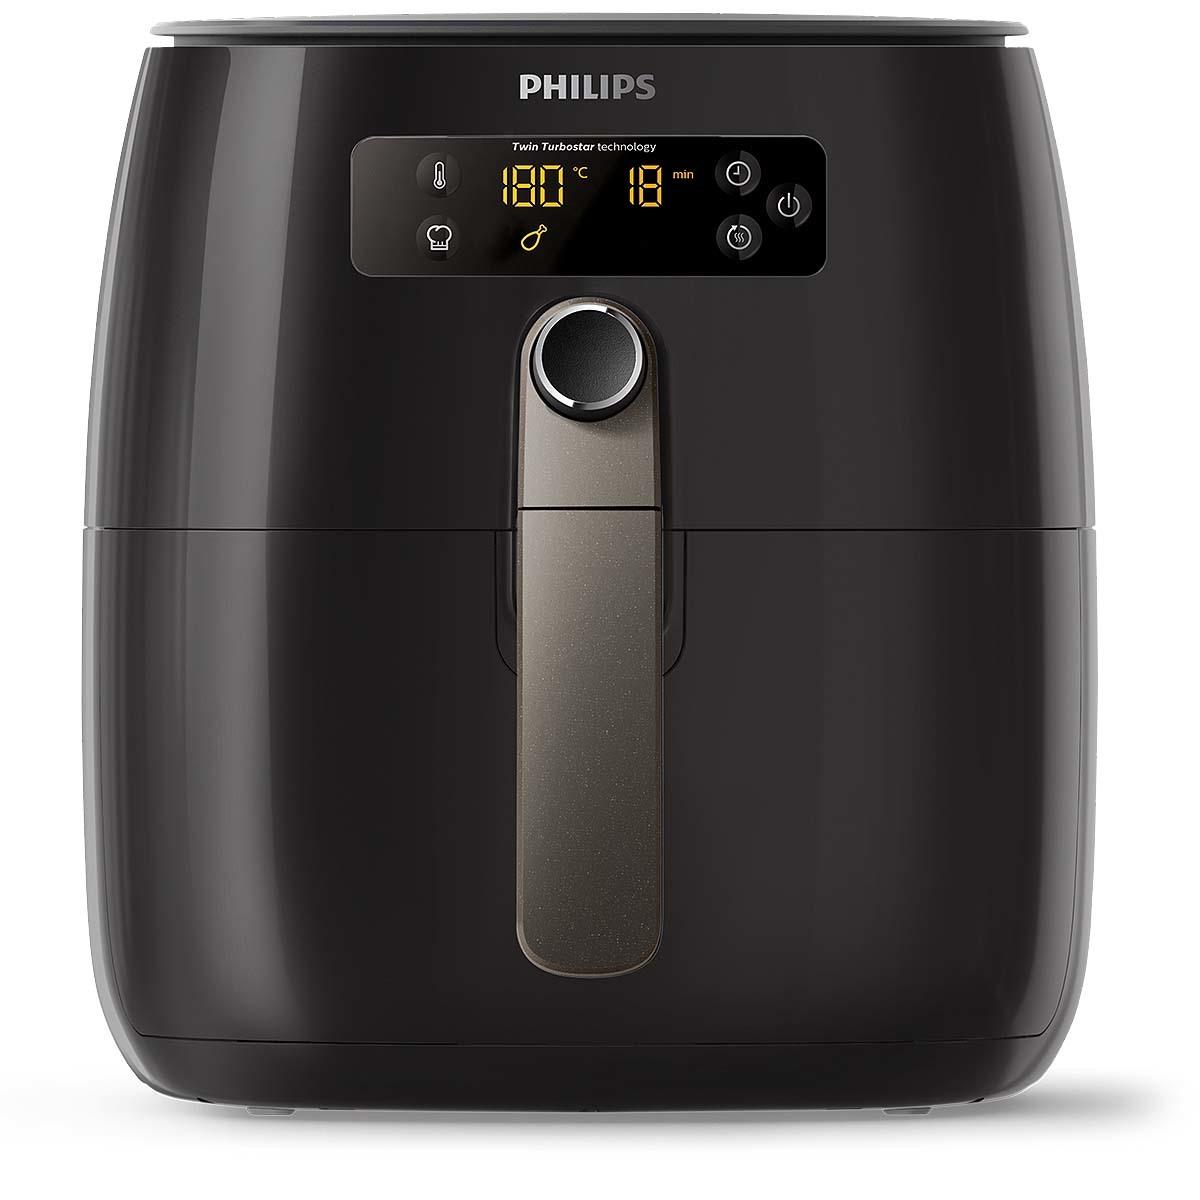 필립스 에어프라이어 HD9743/45 Philips Air Fryer HD9743/45